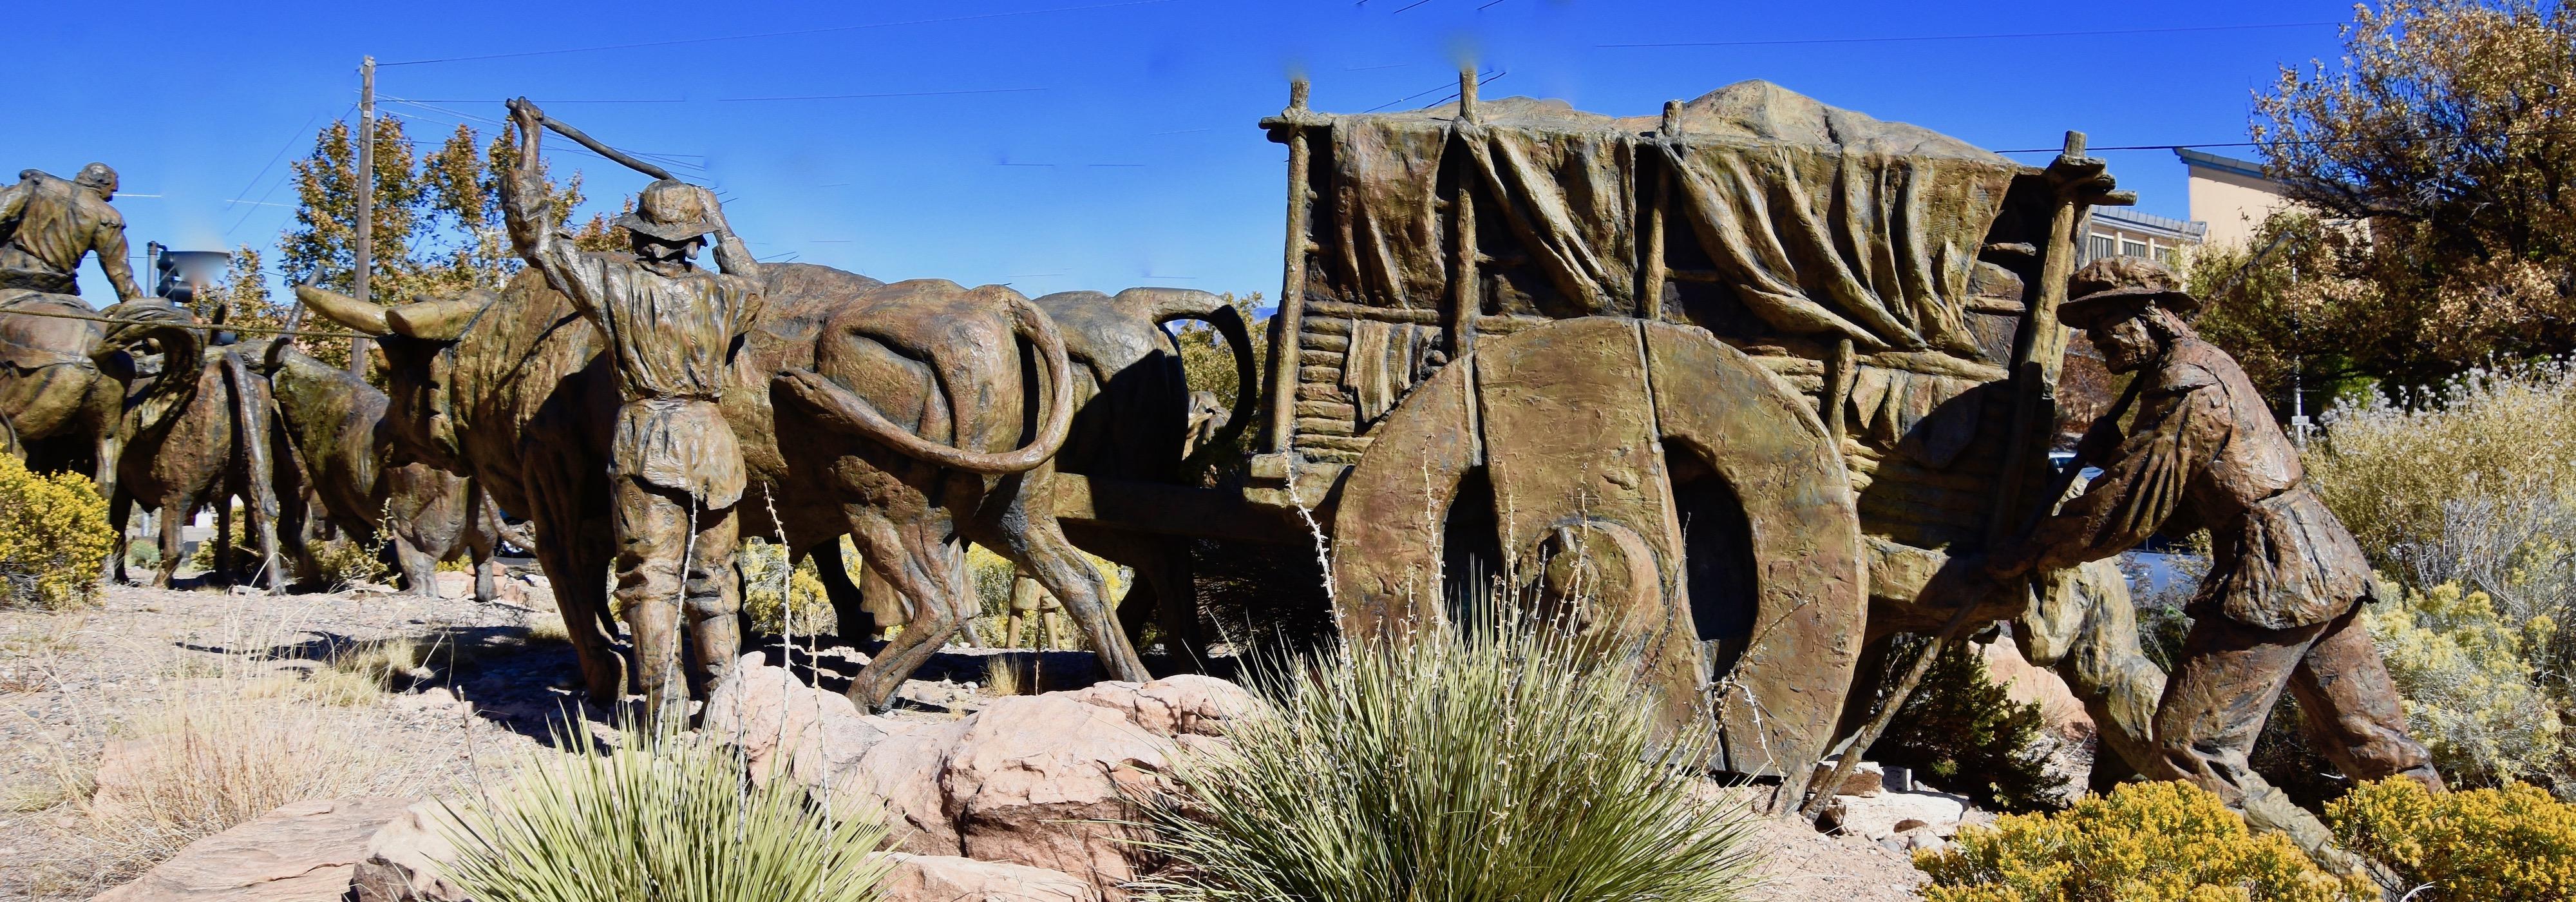 Albuquerque Museum Best In New Mexico The Maritime Explorer